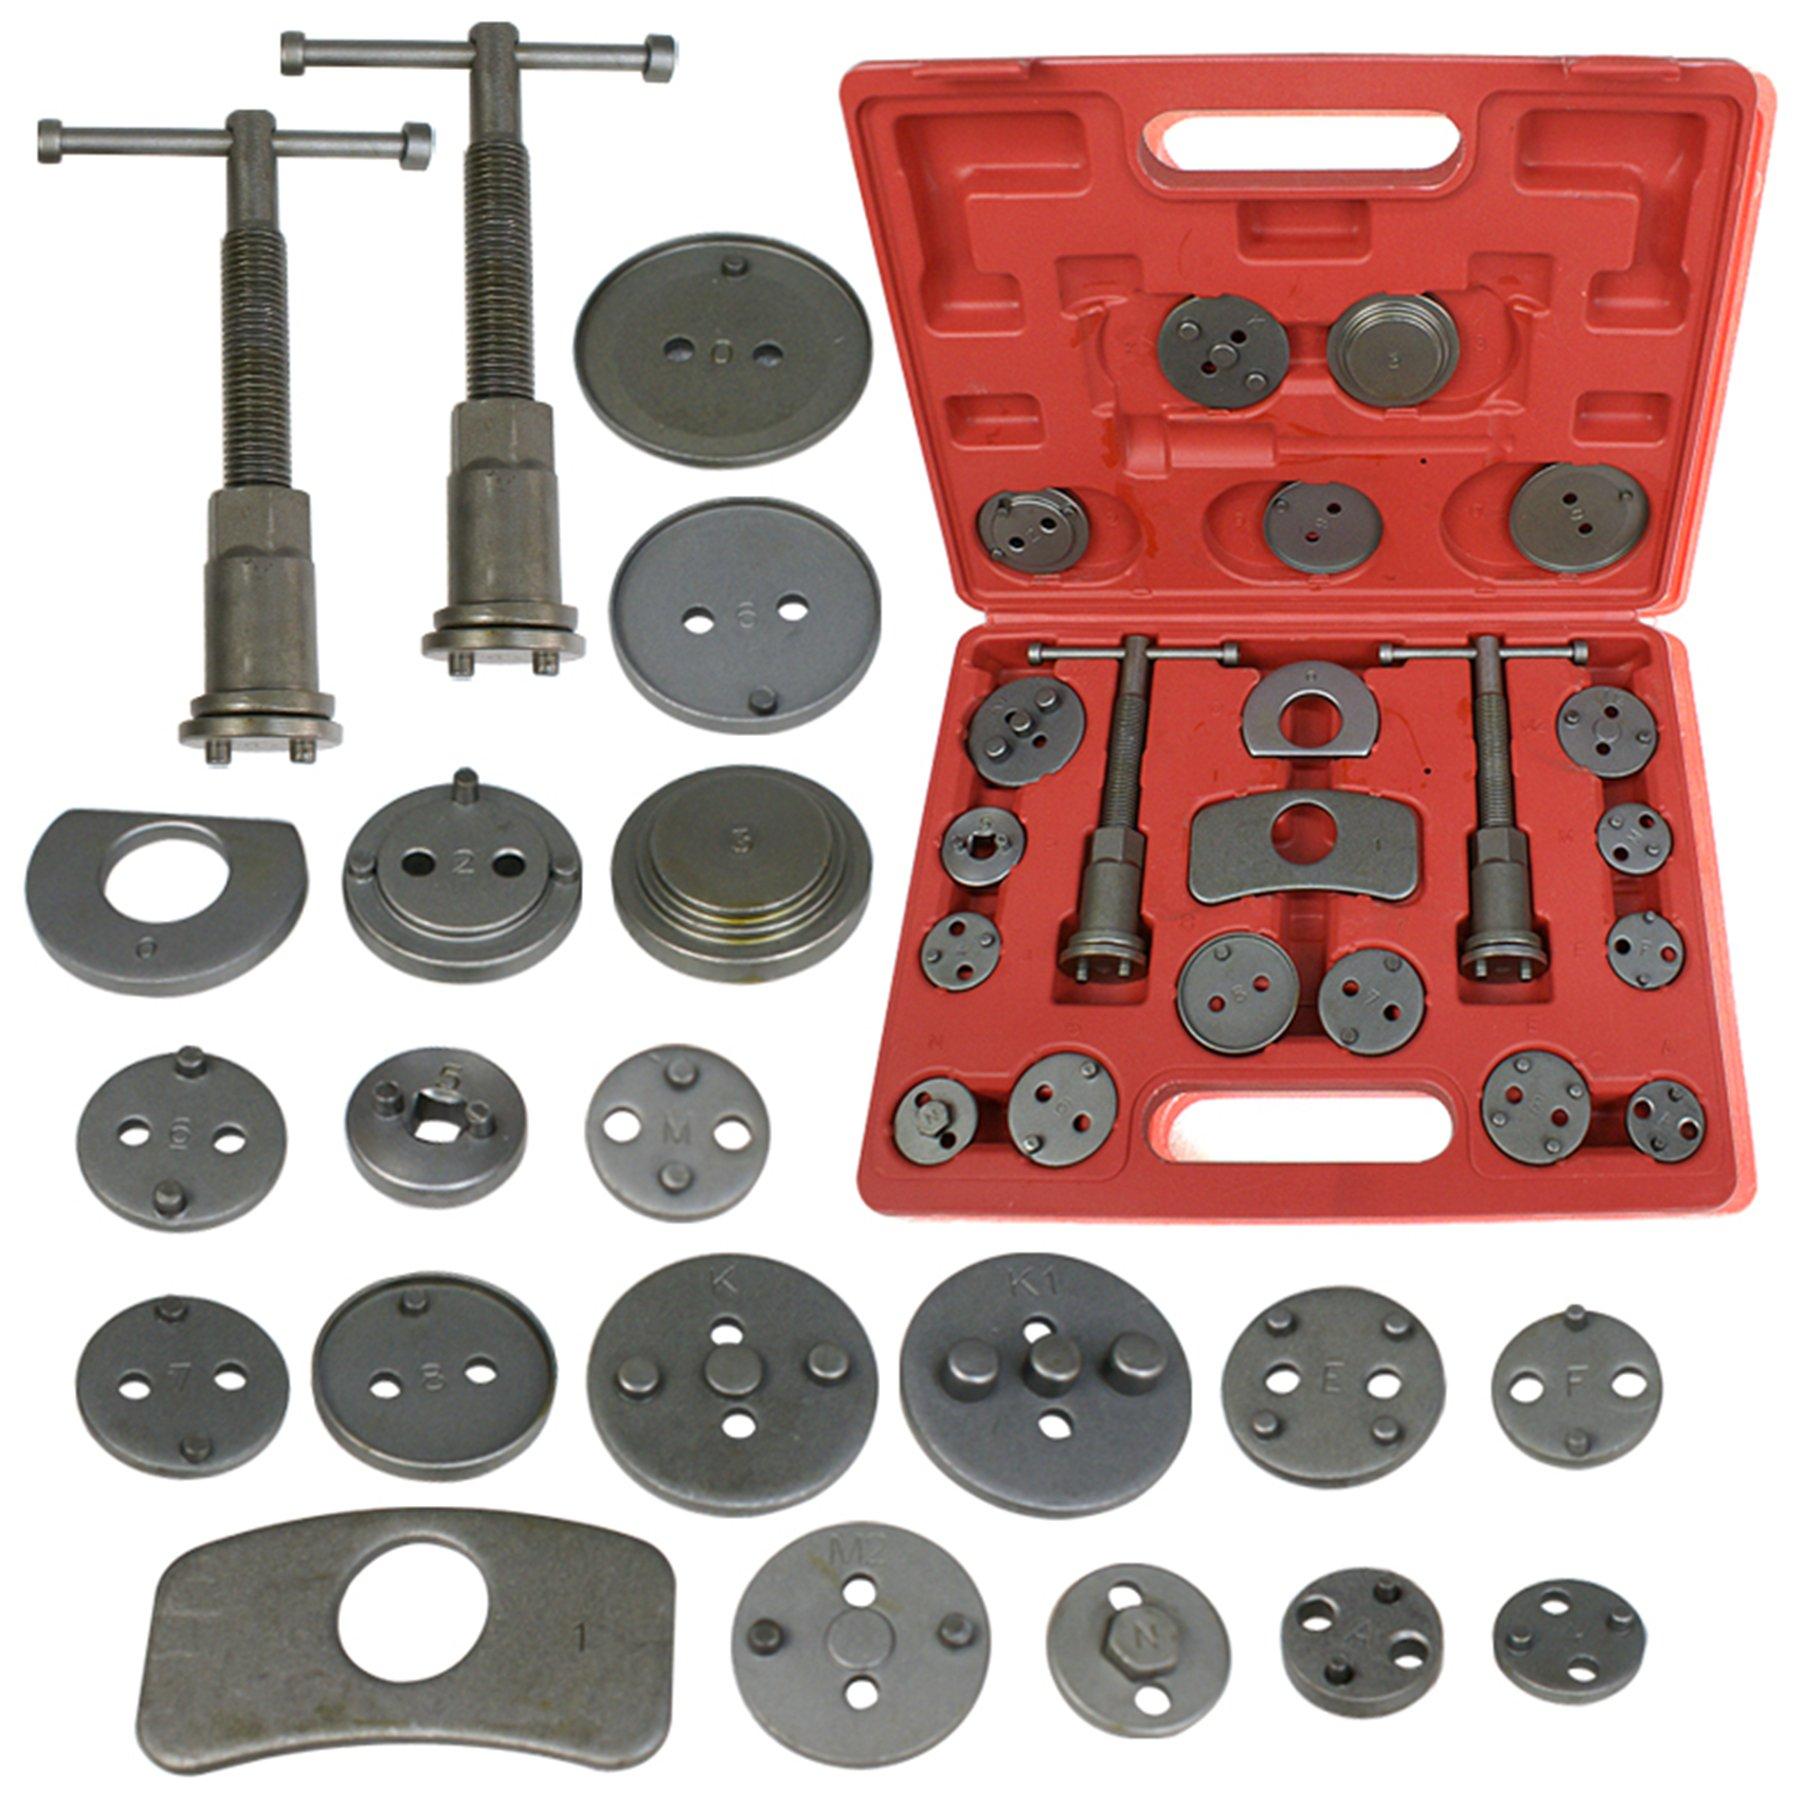 F2C 21 pcs Universal Disc Brake Caliper Piston Pad Car Auto Wind Back Hand Tool Kit (21 pcs)